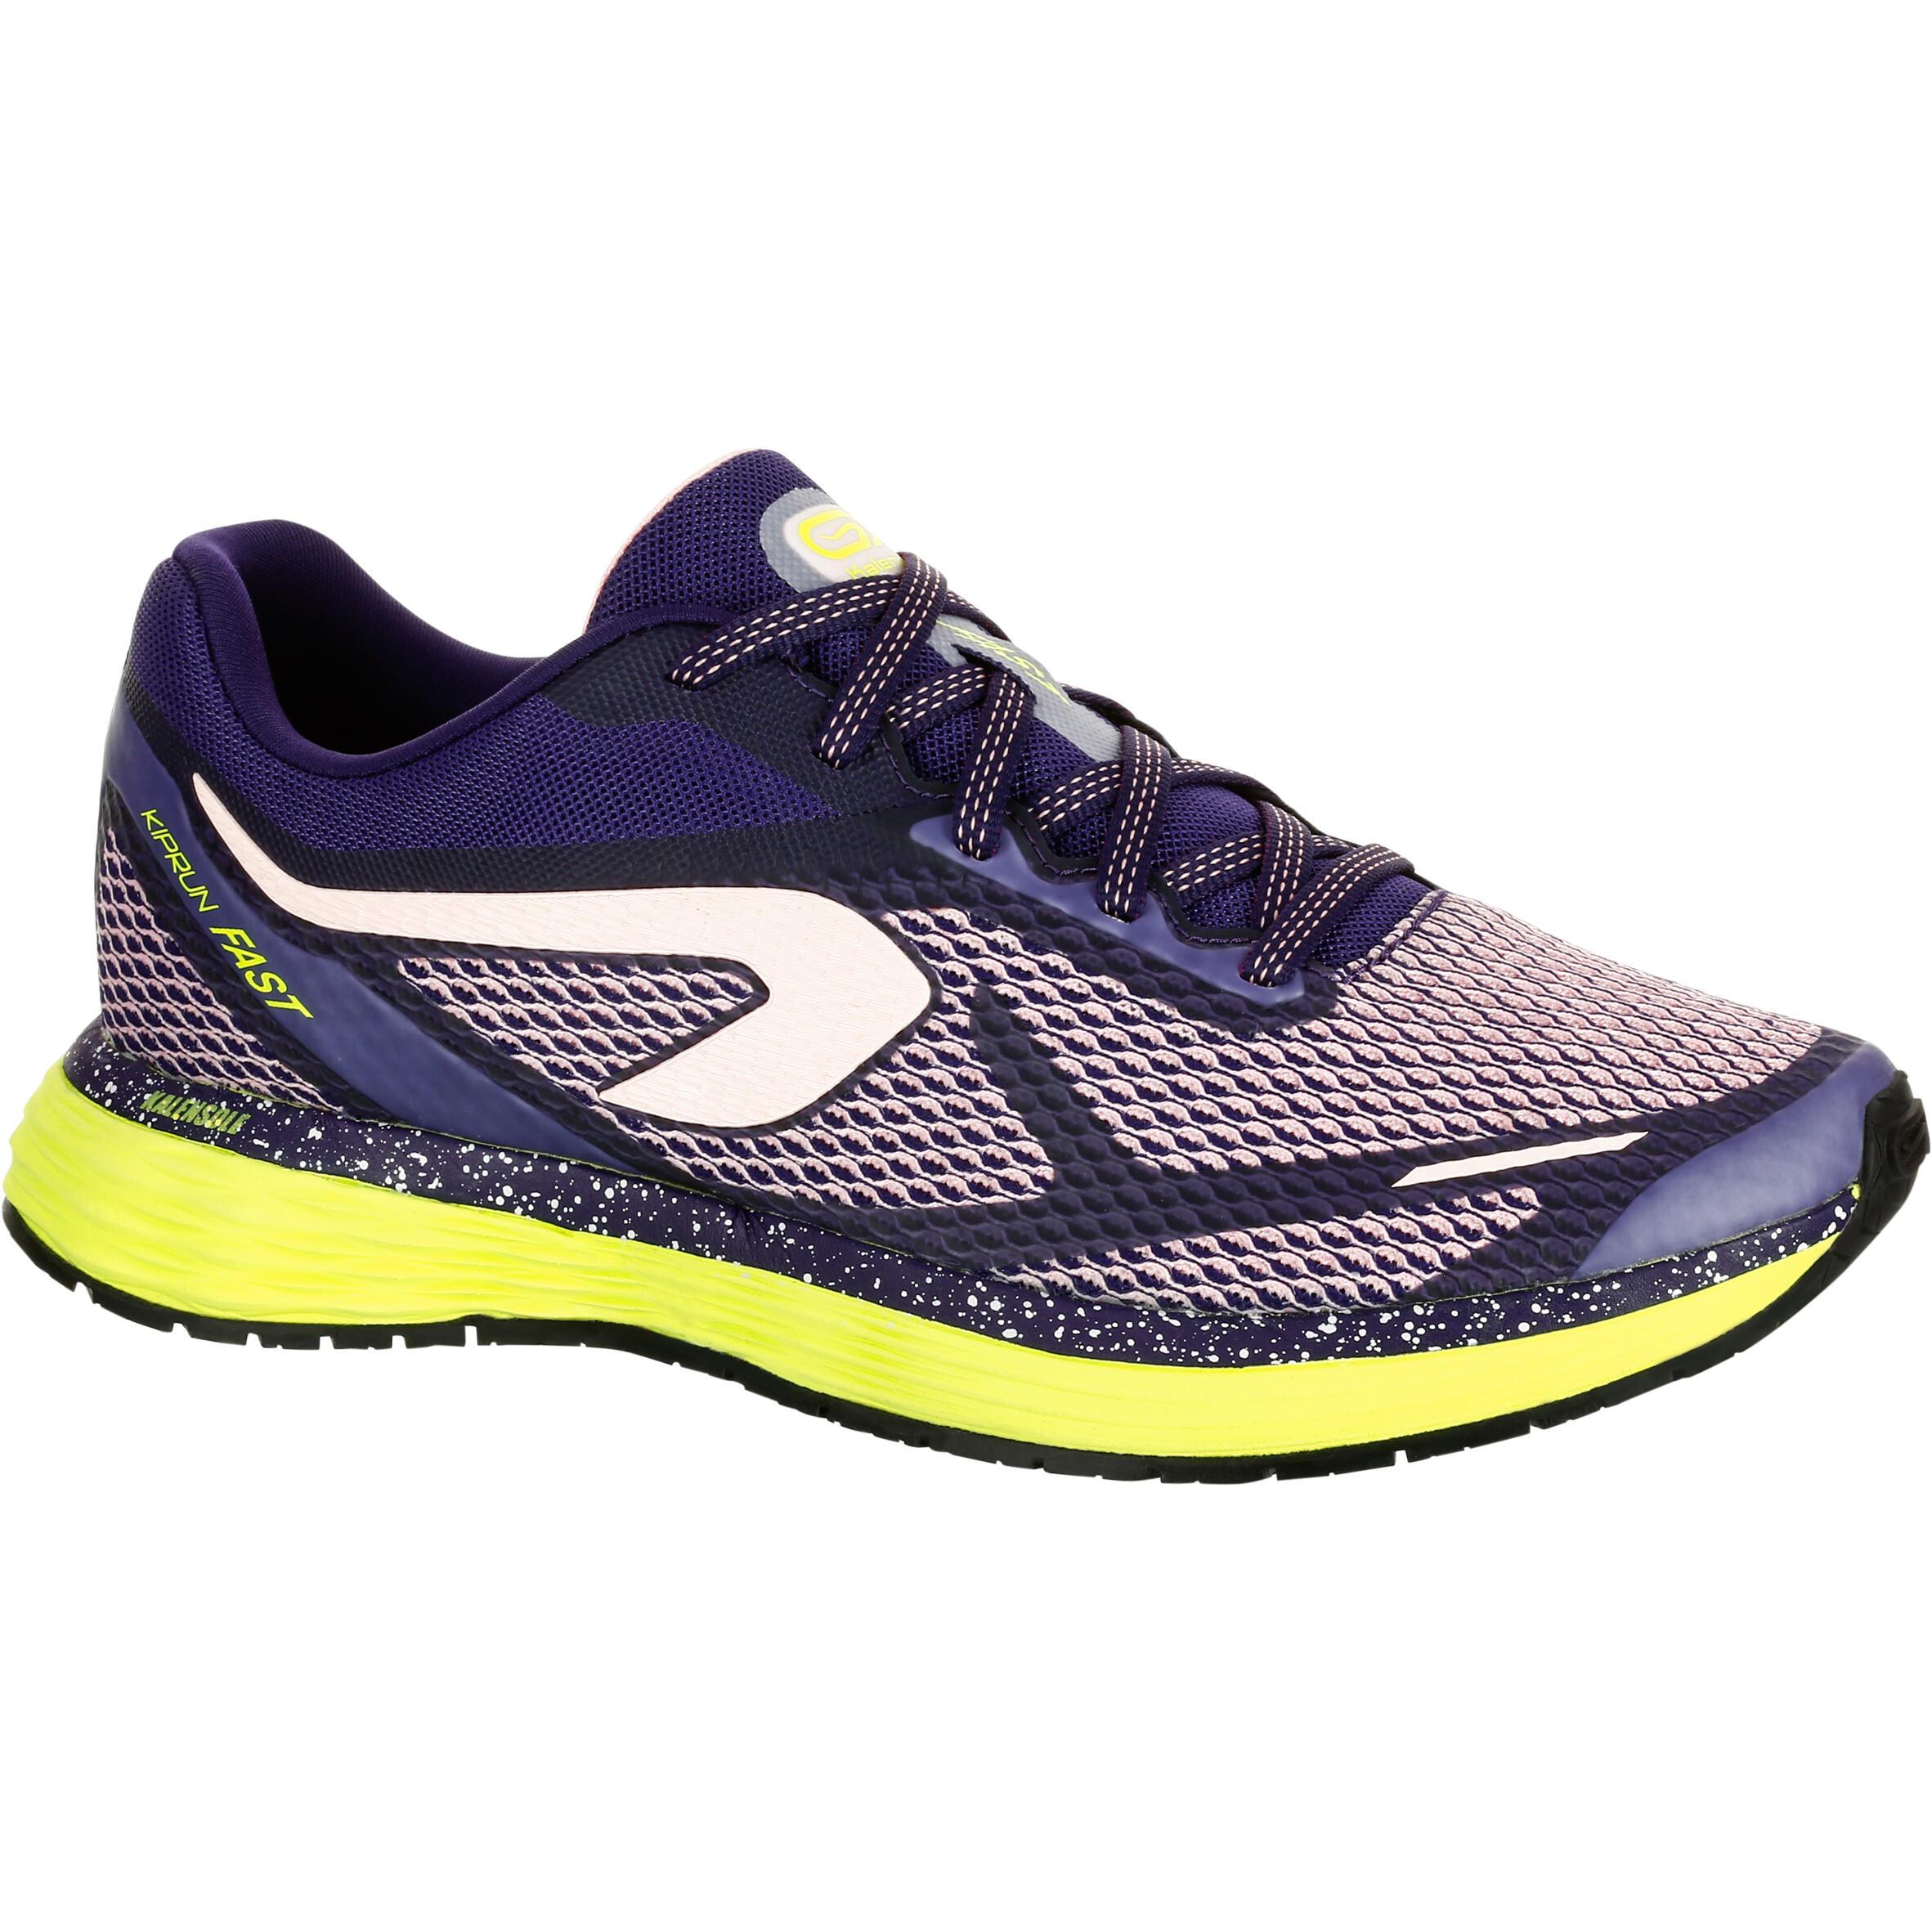 online retailer 68d42 243c7 Hardloopschoenen voor dames kopen ← Decathlon.nl